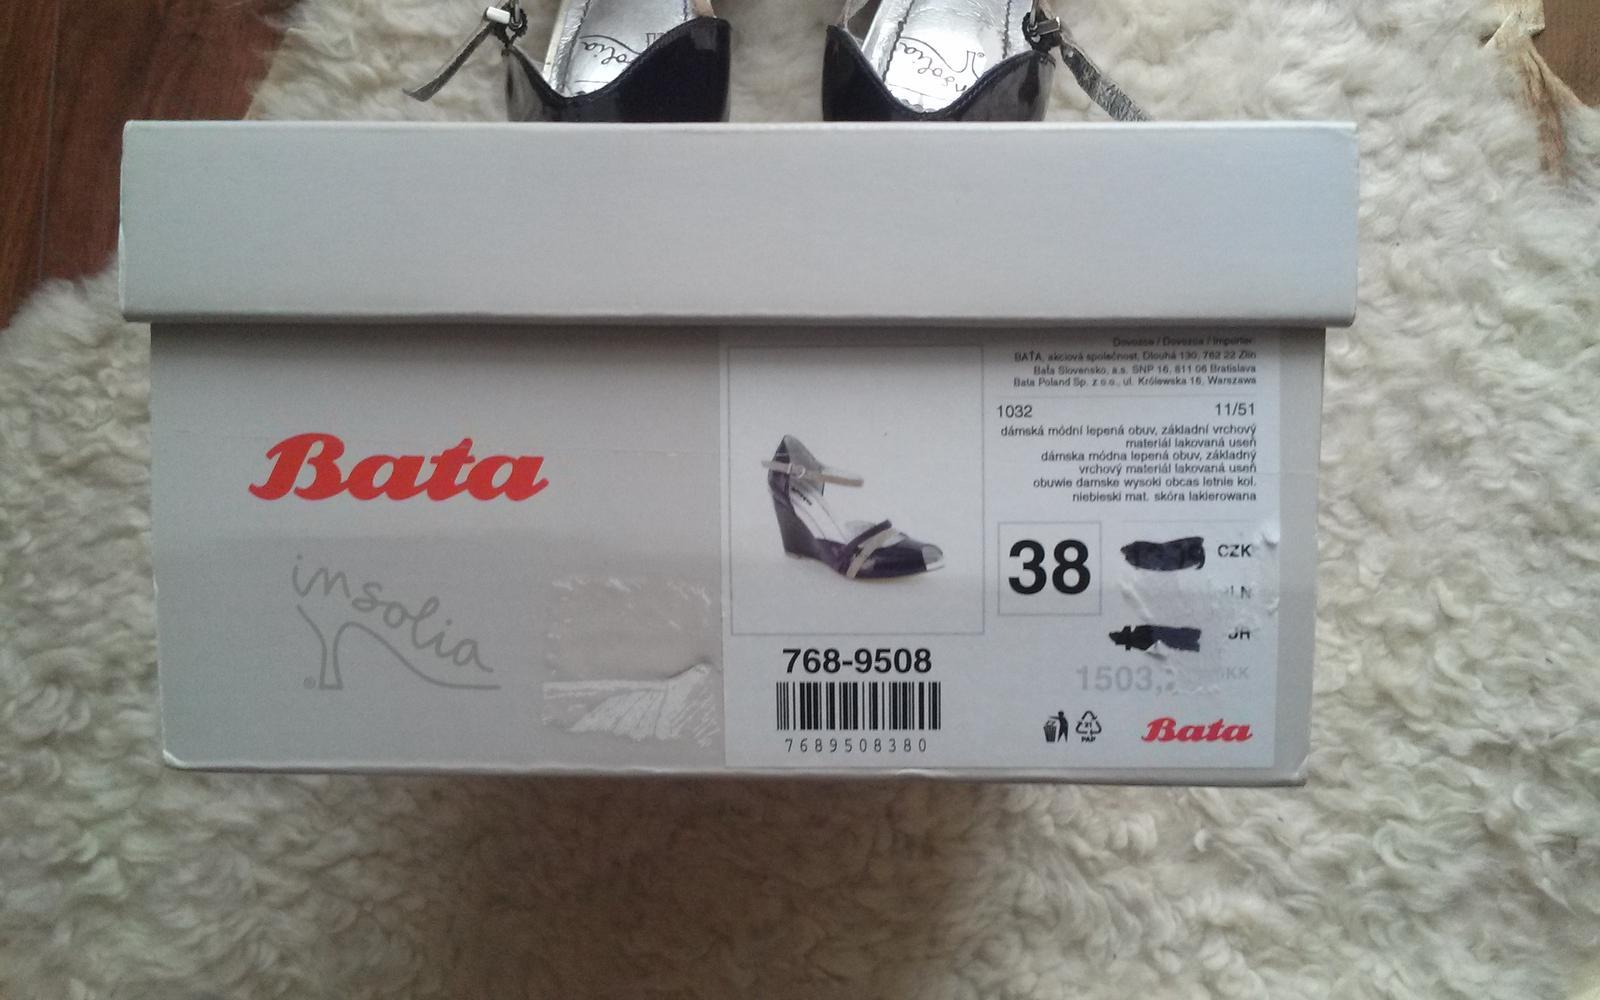 baťa-damske sandalky (38) - Obrázok č. 4